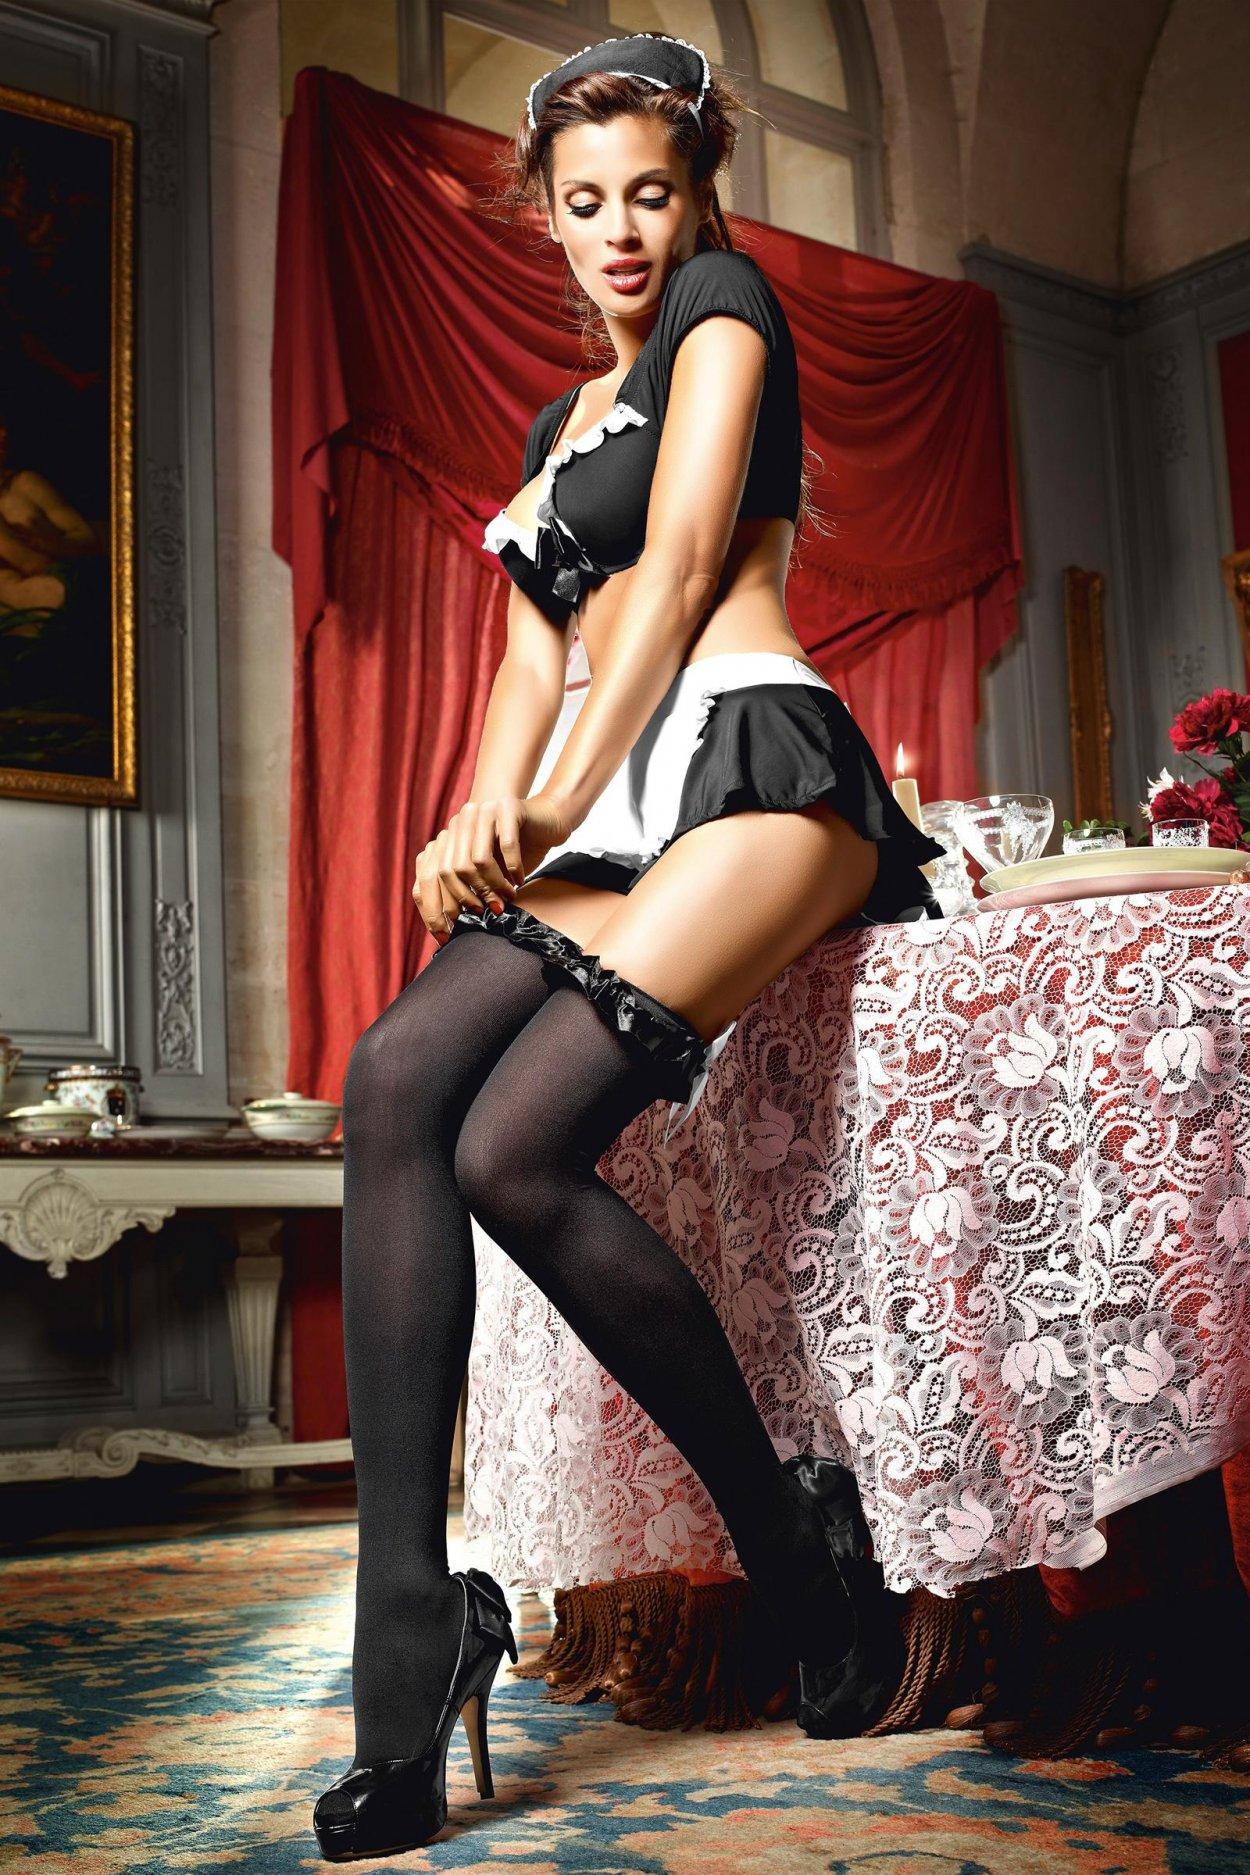 Красивые девушки показали ножки в чулочках (40 фото) 34